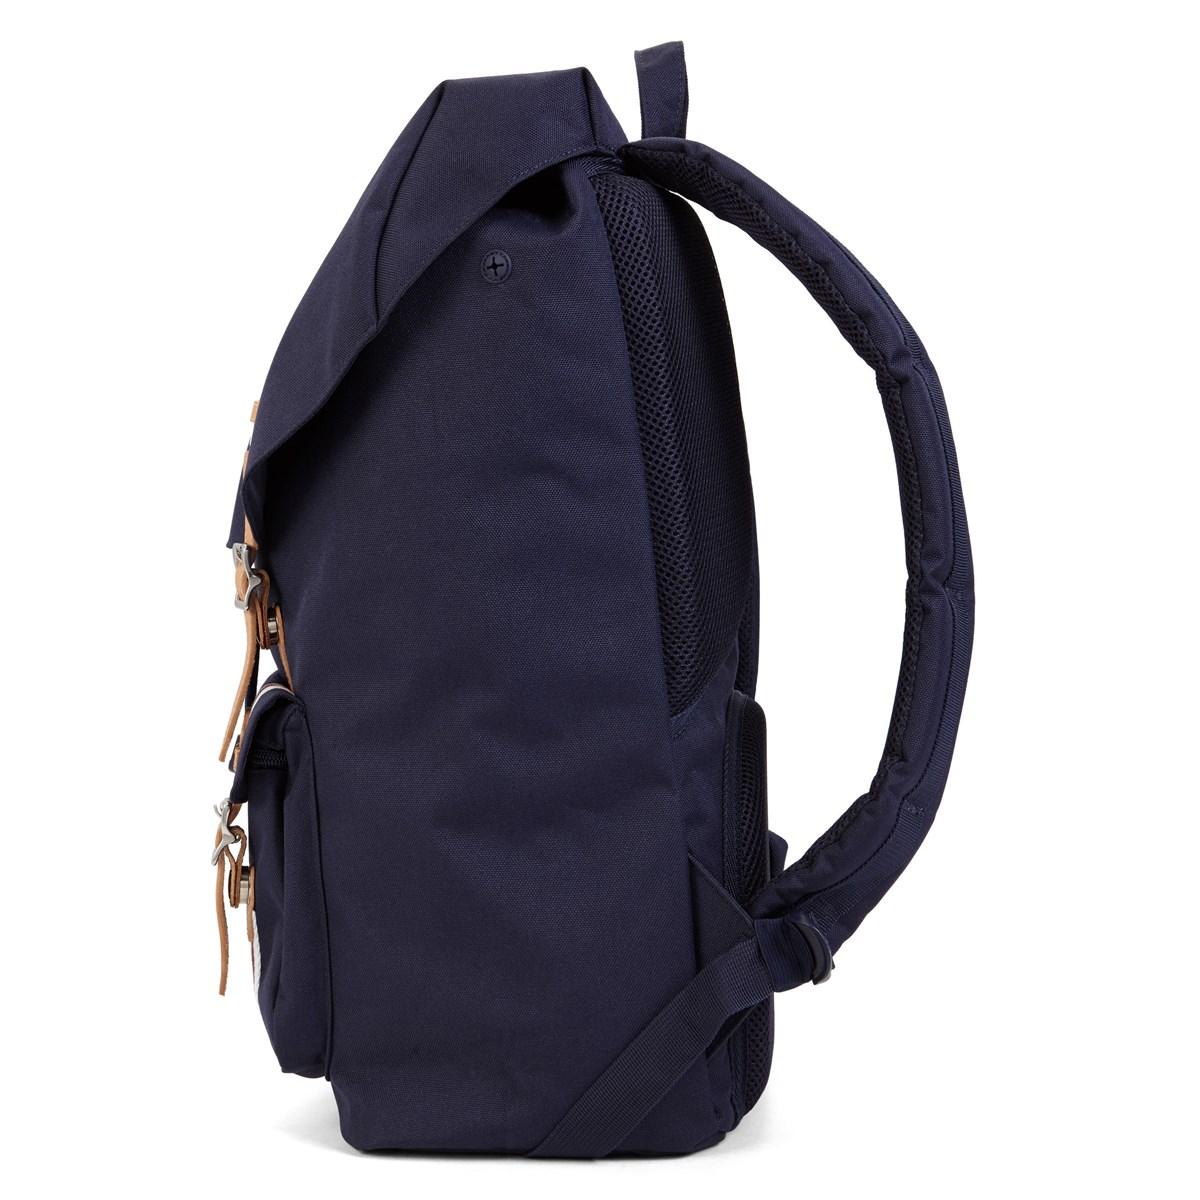 Размер misc что это рюкзак школьные рюкзаки большой выбор